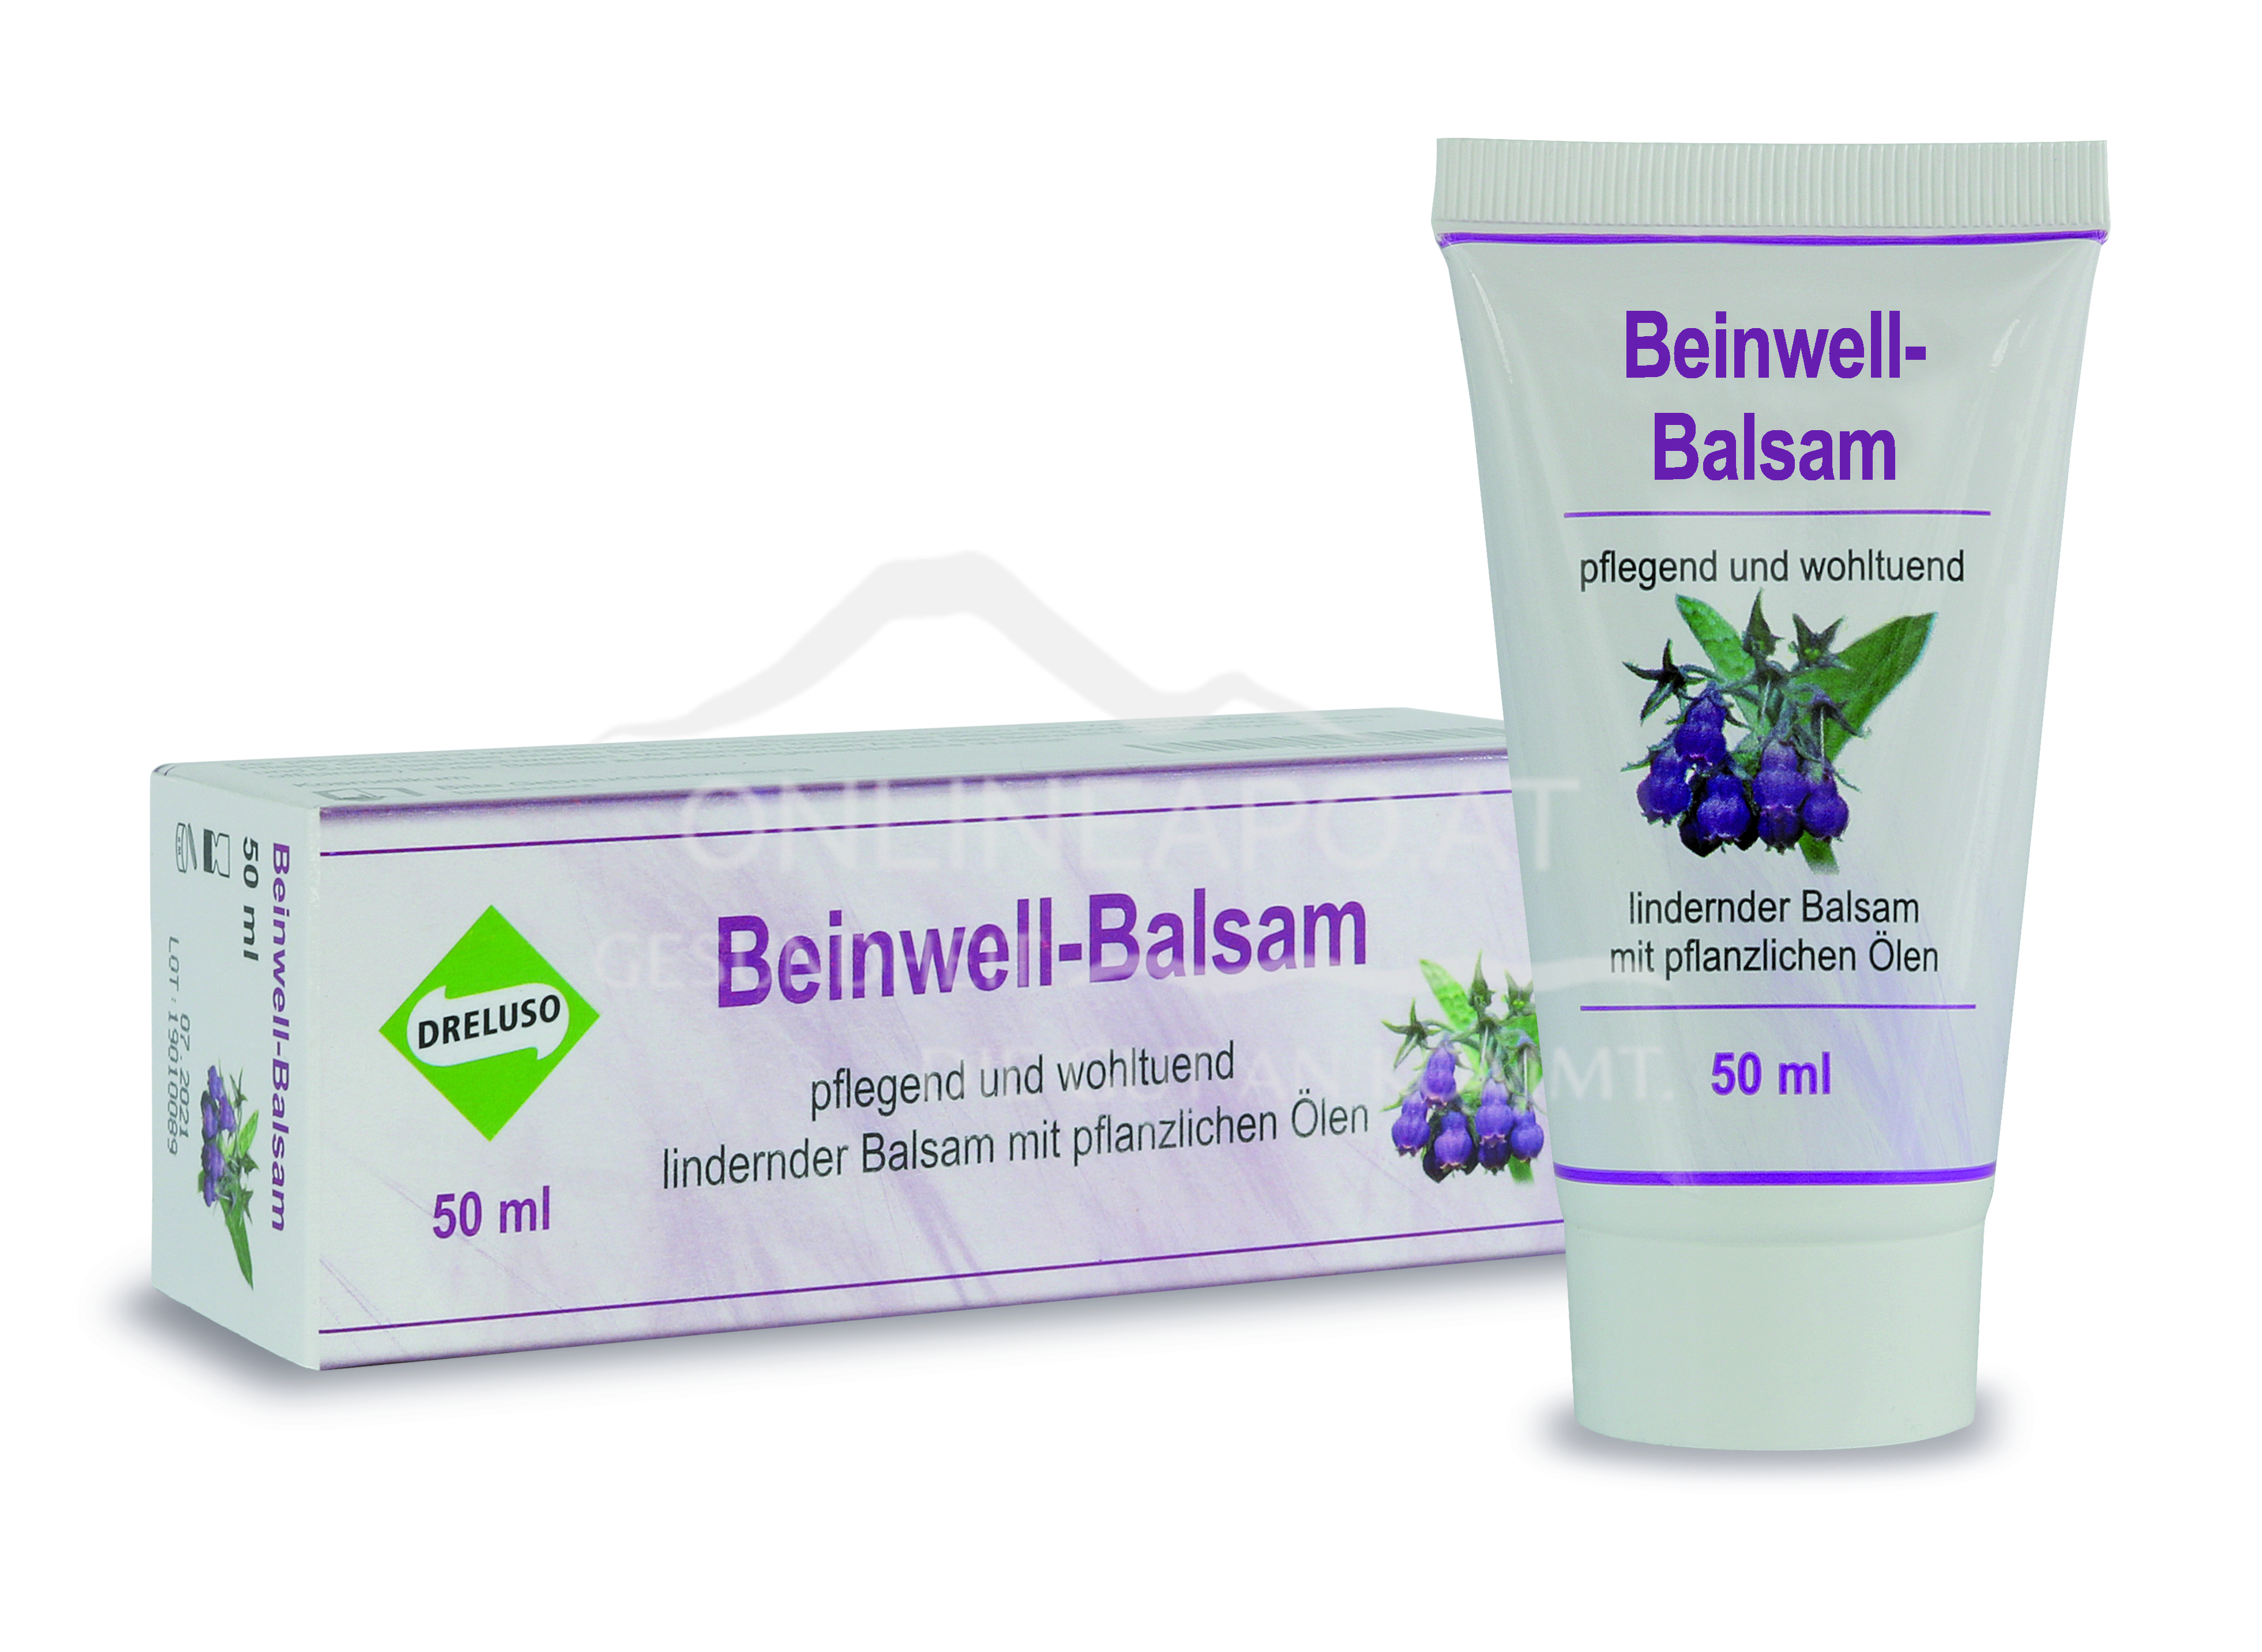 Beinwell-Balsam von Dreluso